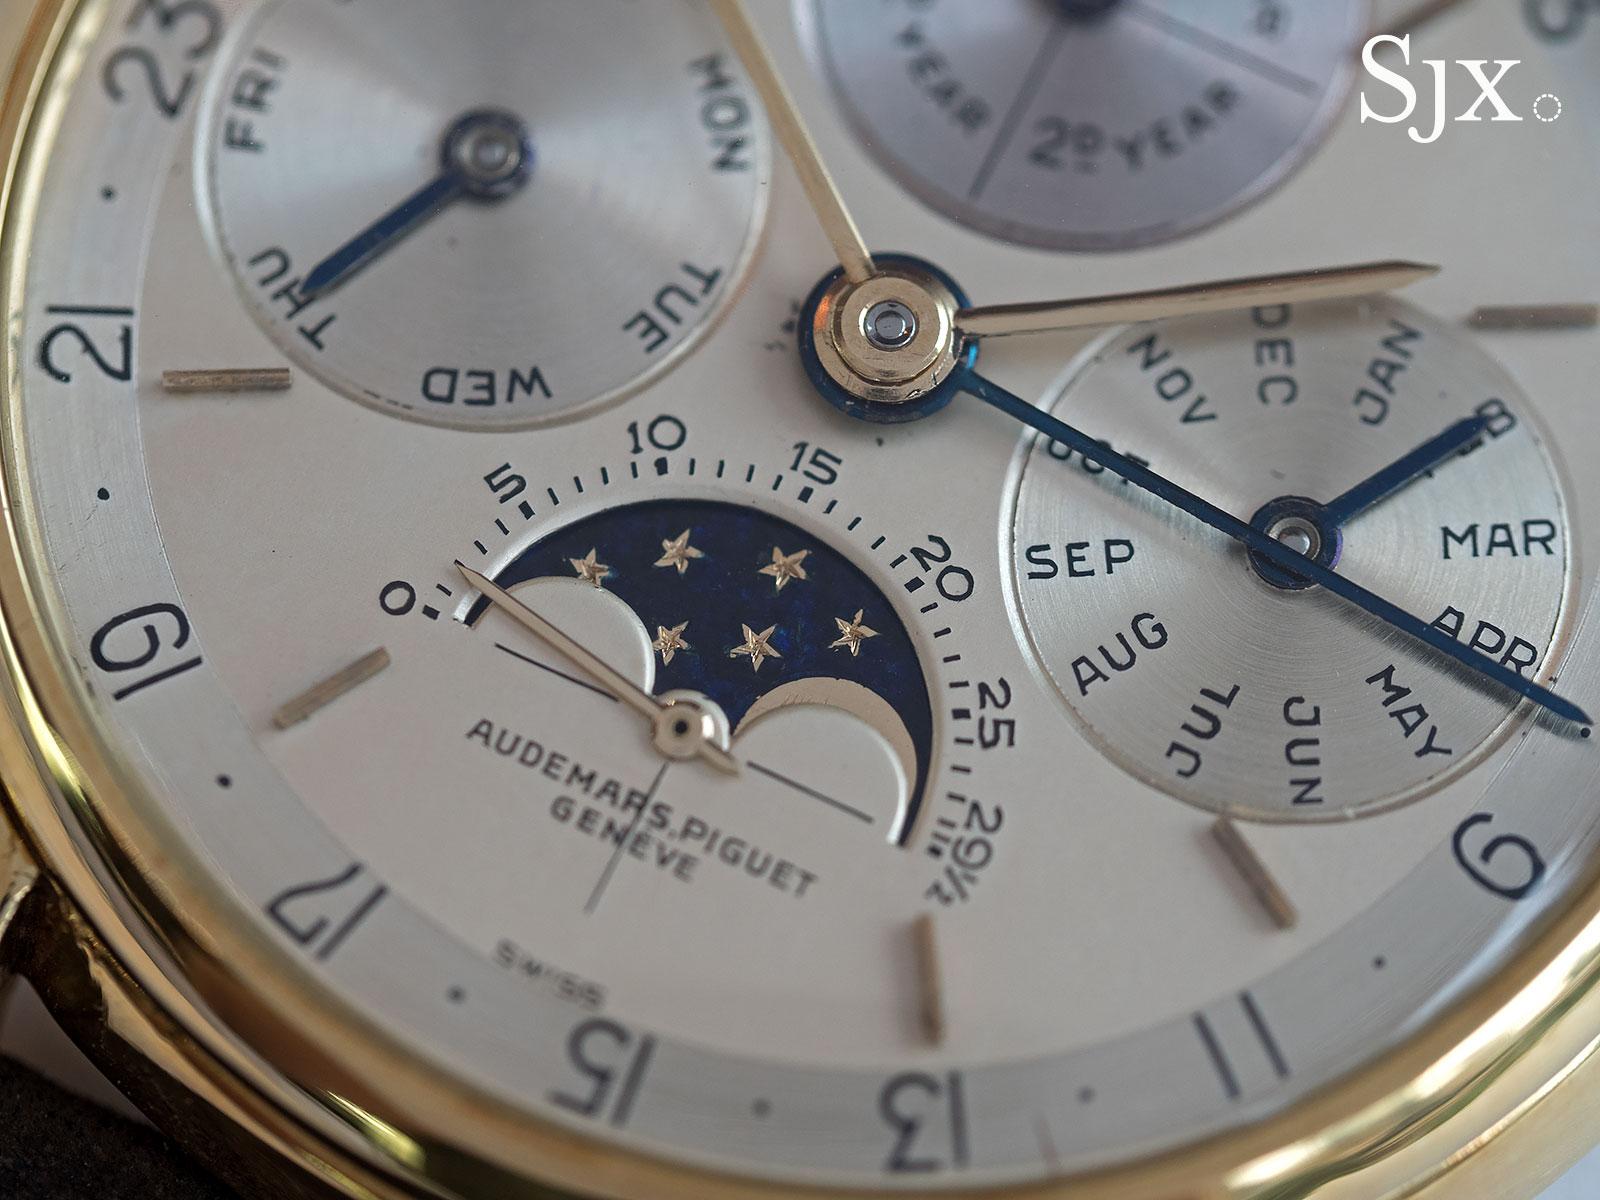 Audemars Piguet perpetual calendar 5516-3